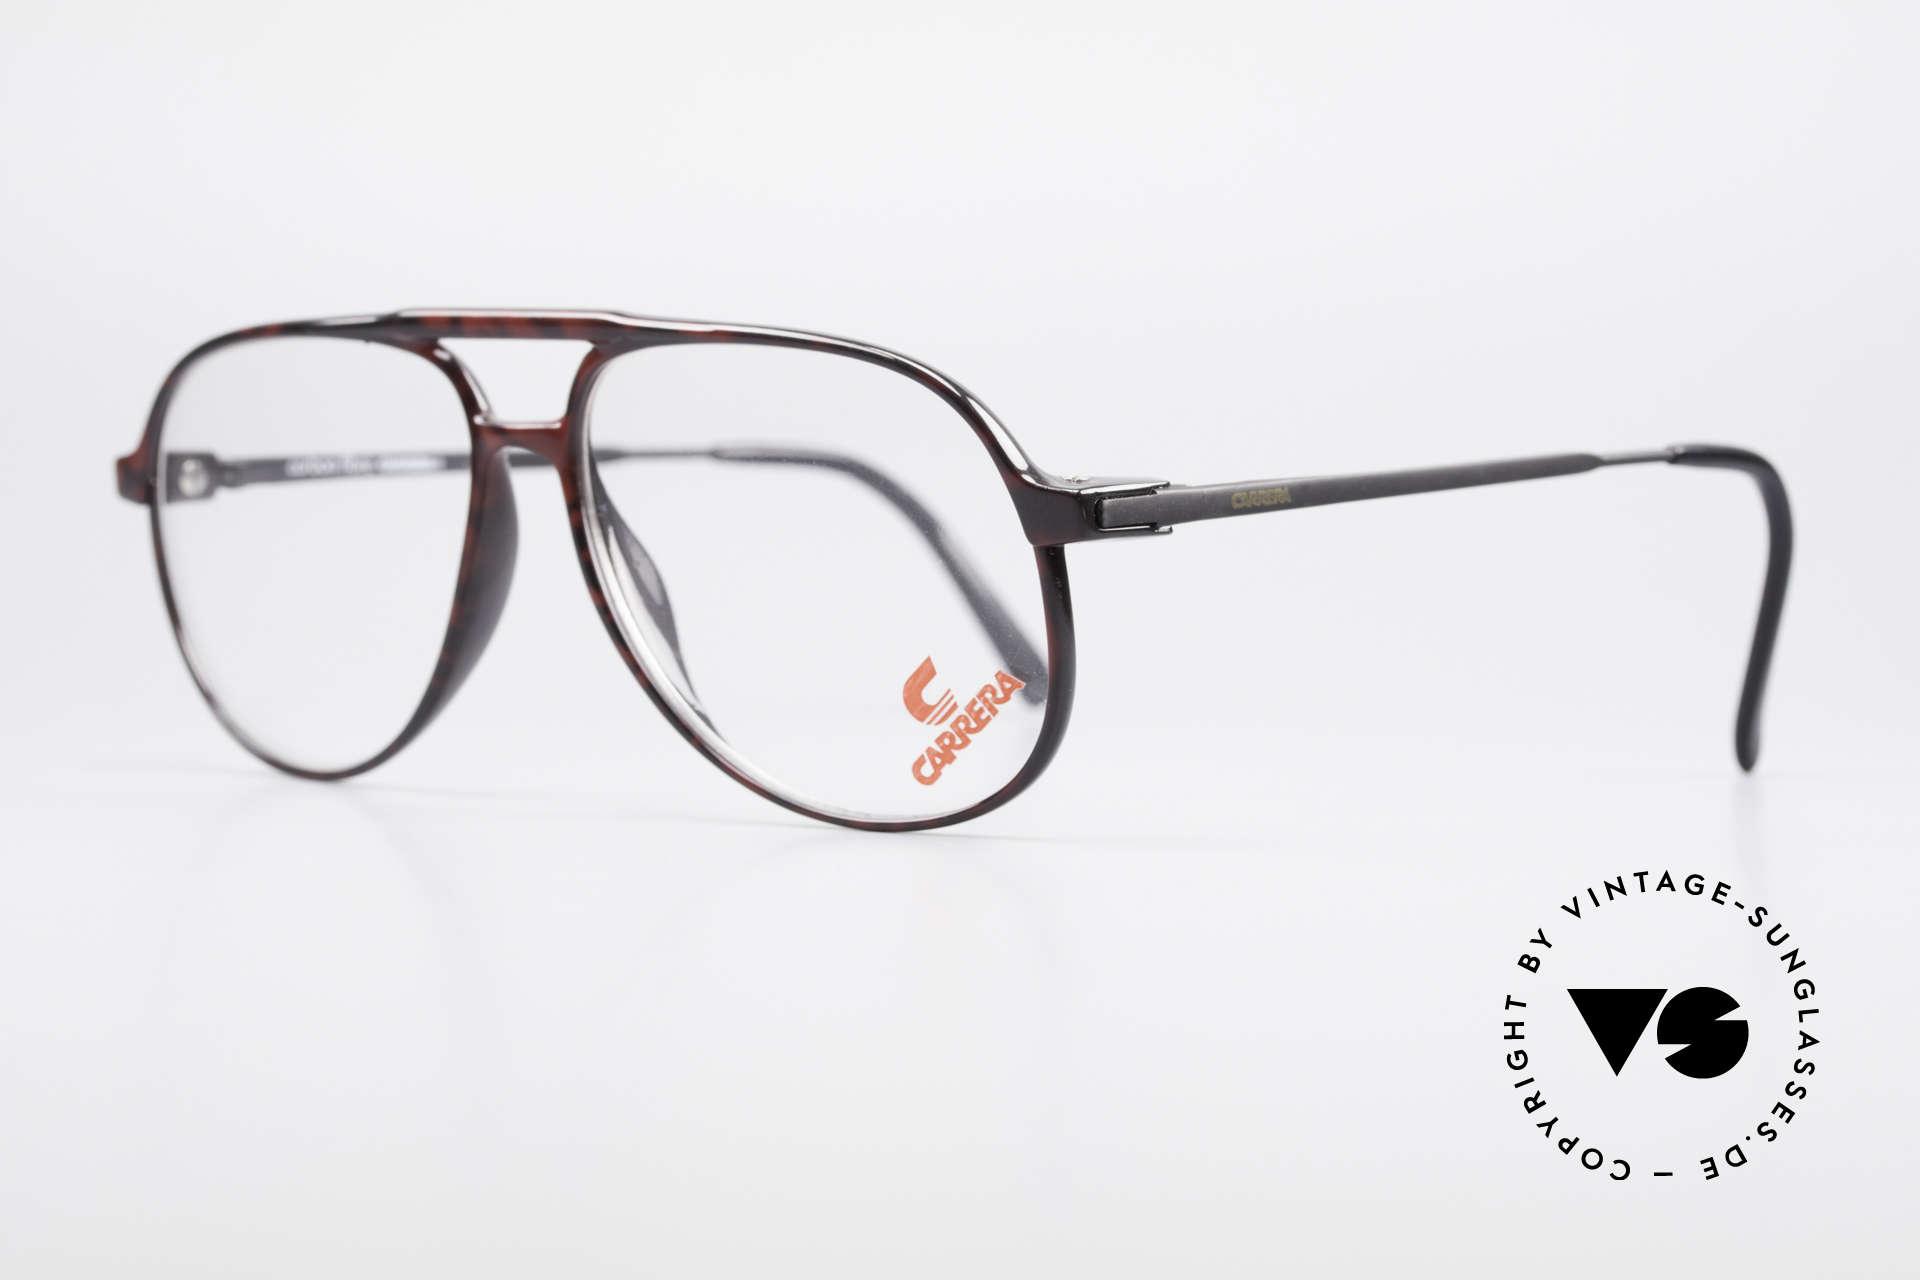 Carrera 5355 Kohlefaser Aviator Brille 90er, enorm komfortabel und sehr angenehm zu tragen, Passend für Herren